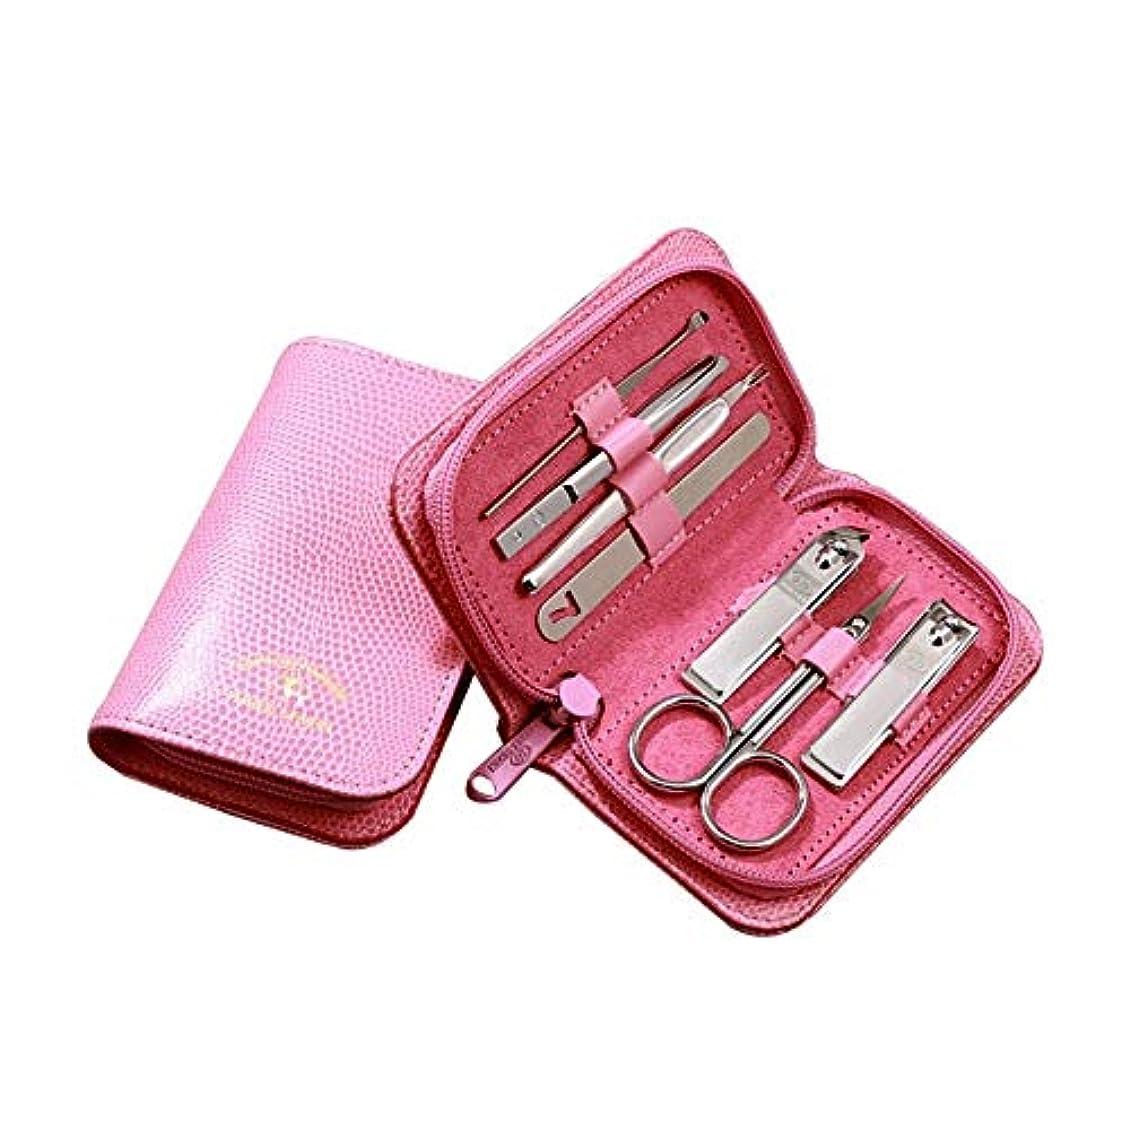 嫌がらせ引退したスーパーZGSH 多機能ネイルクリッパーセット、7ピースマニキュアネイルツール、シャープで耐久性のあるステンレススチール素材 (Color : Pink)